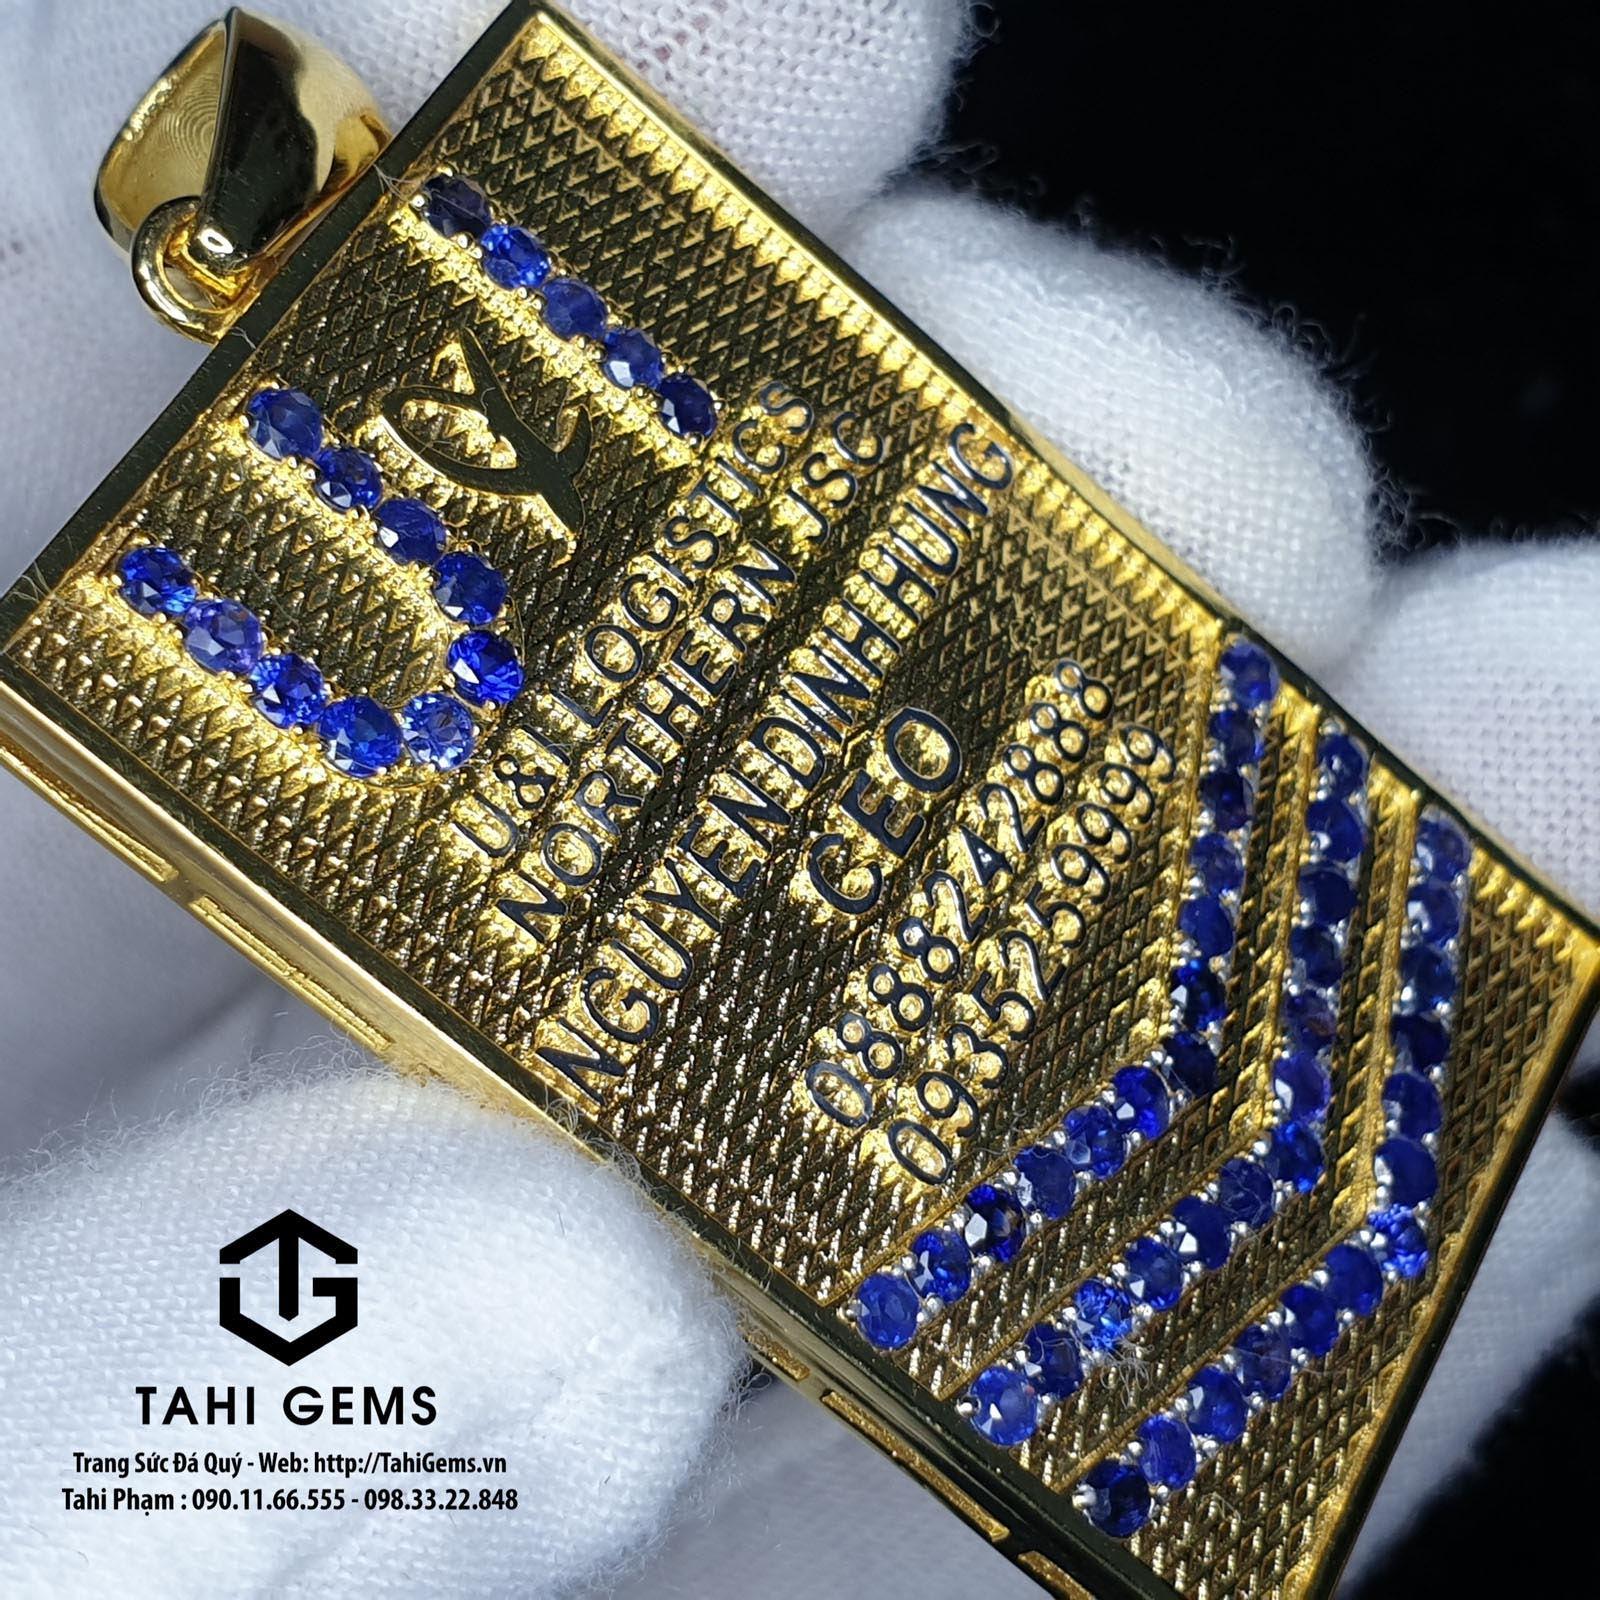 Tổng hợp các mẫu dây chuyền đá sapphire đẹp của Tahigems